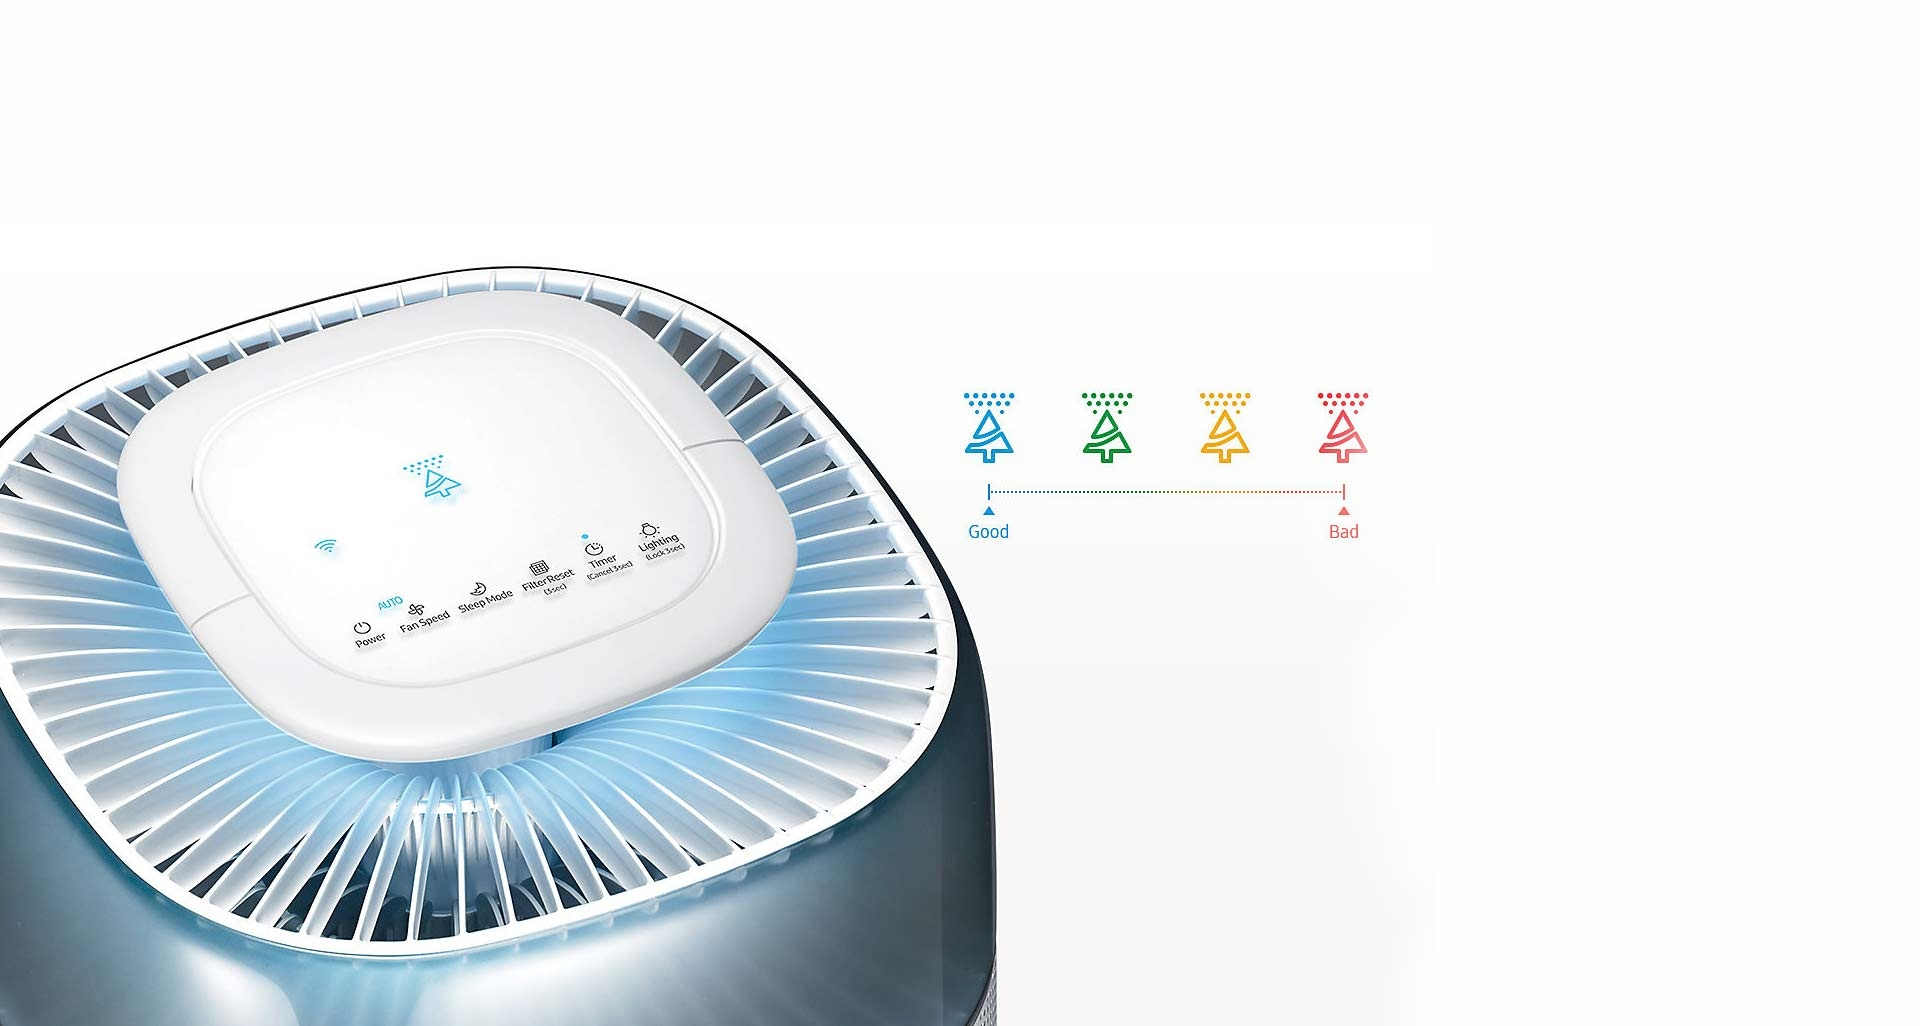 تشخیص و نمایشگر هوشمند دستگاه G42